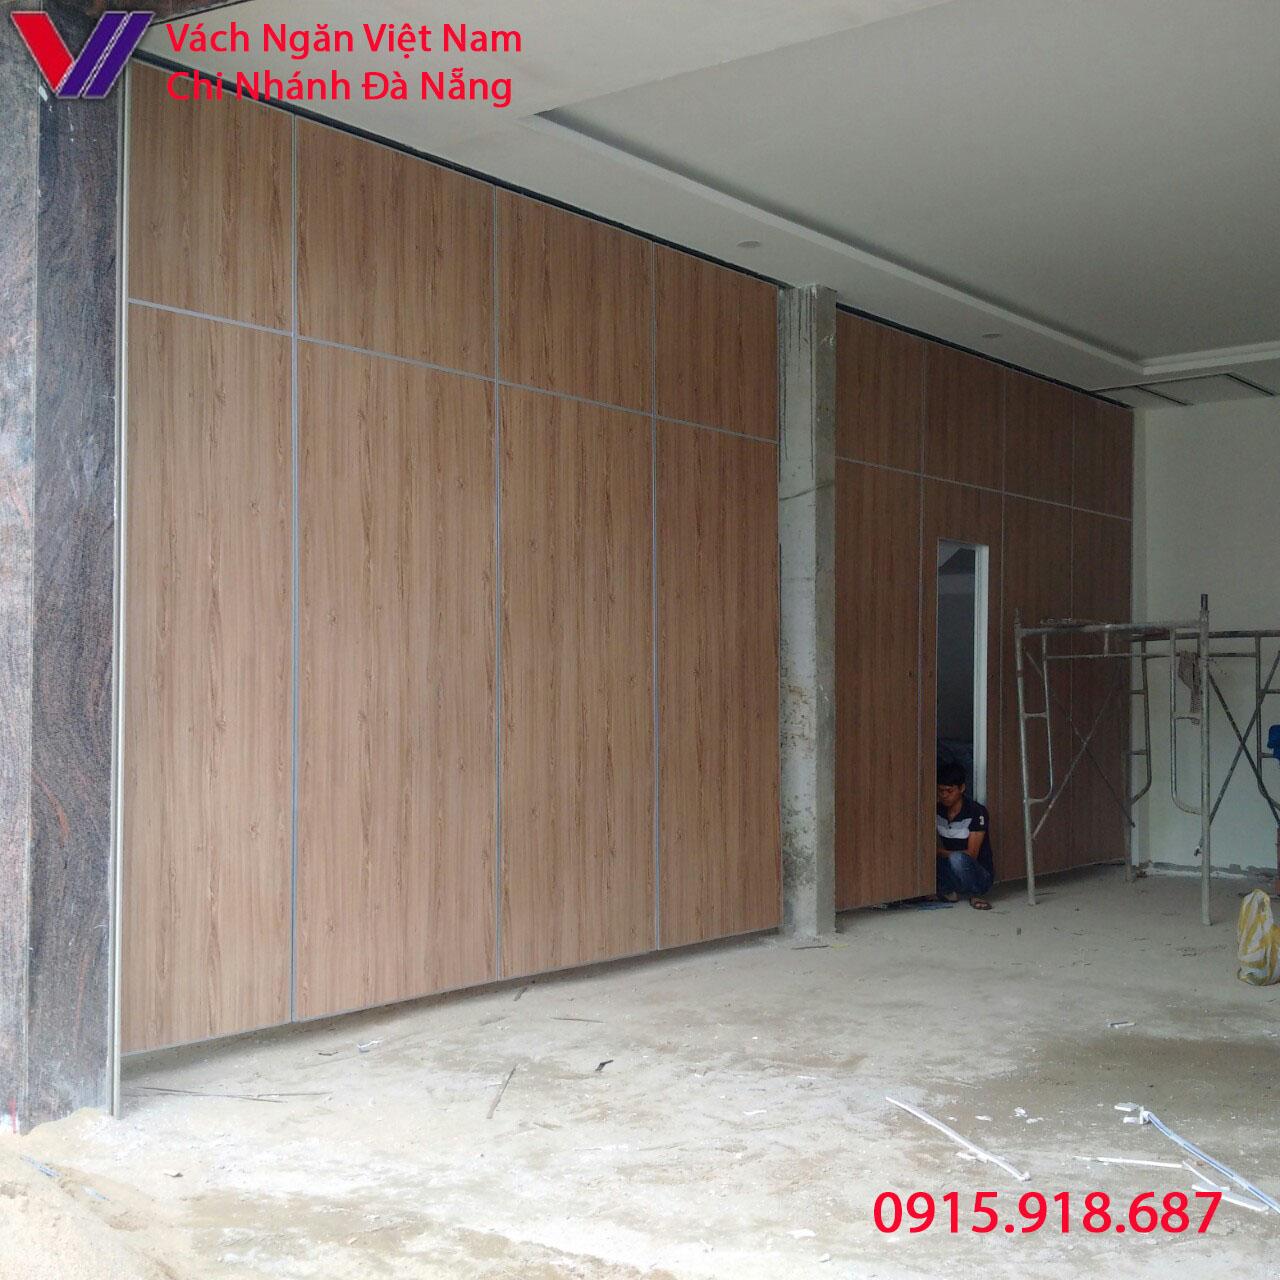 Dự án thi công vách ngăn di động công trình nhà ở số 87 Tôn Đức Thắng TP Đà Nẵng